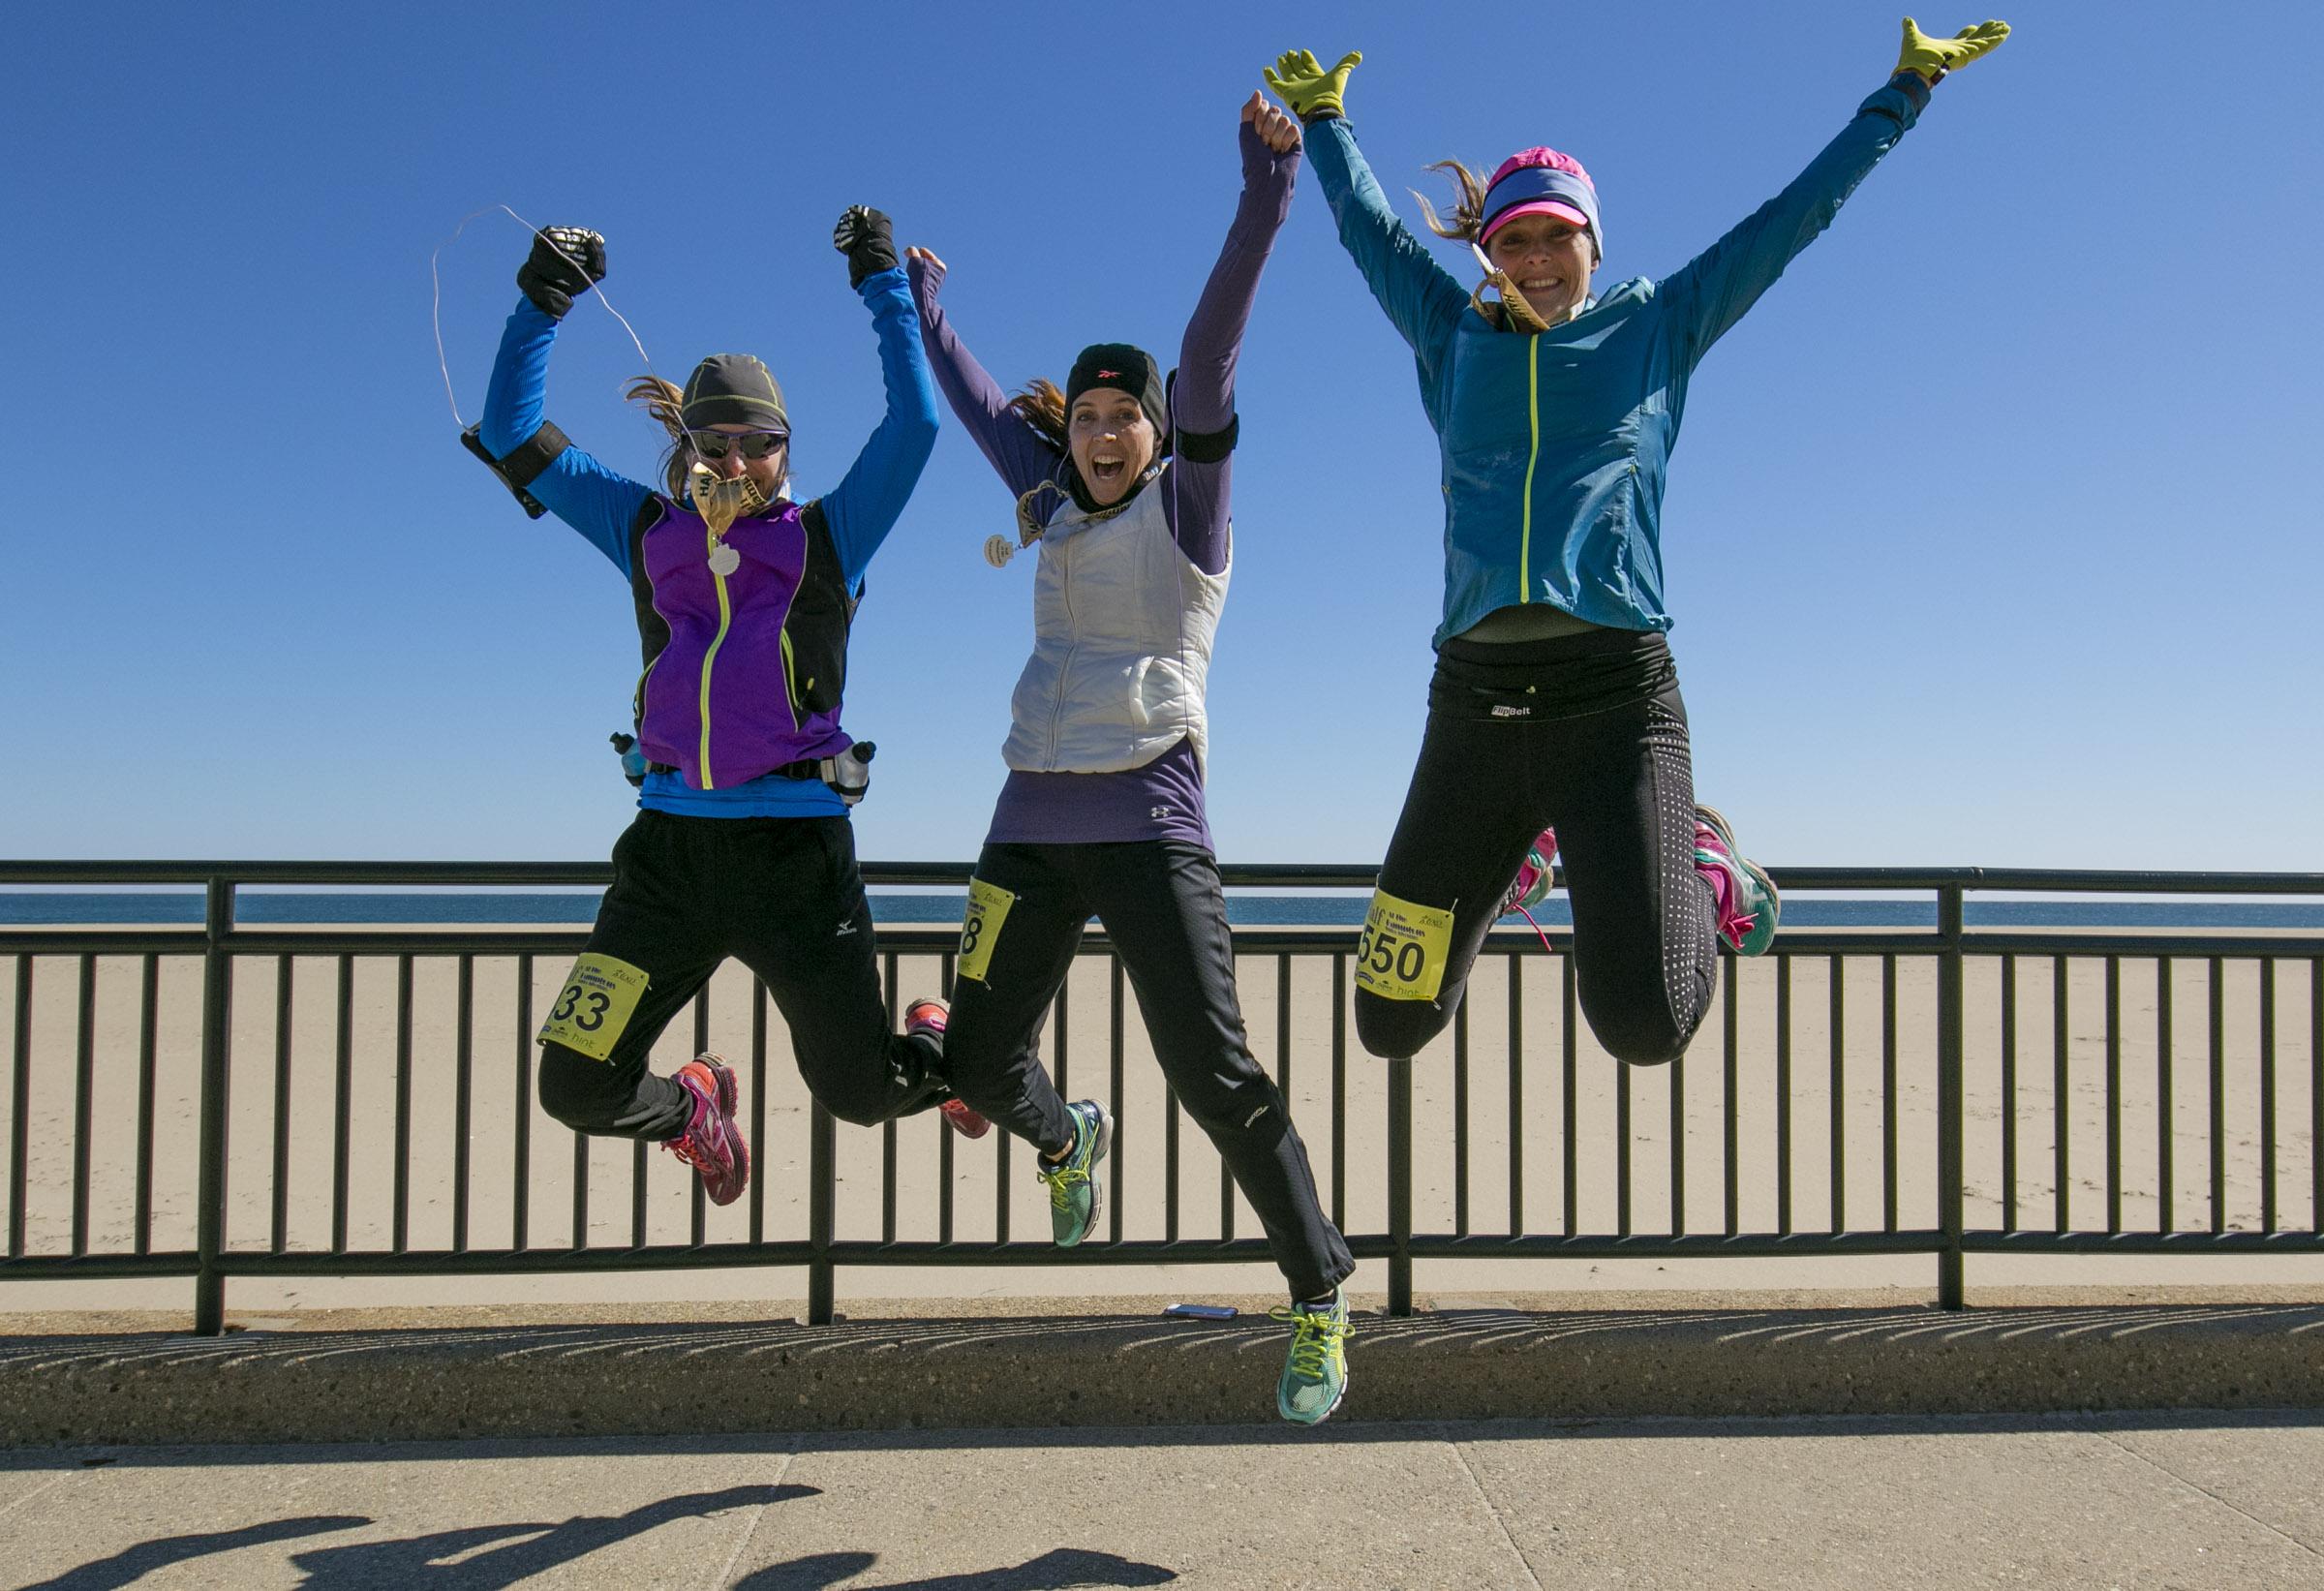 Jumping Runners at the Half at the Hamptons